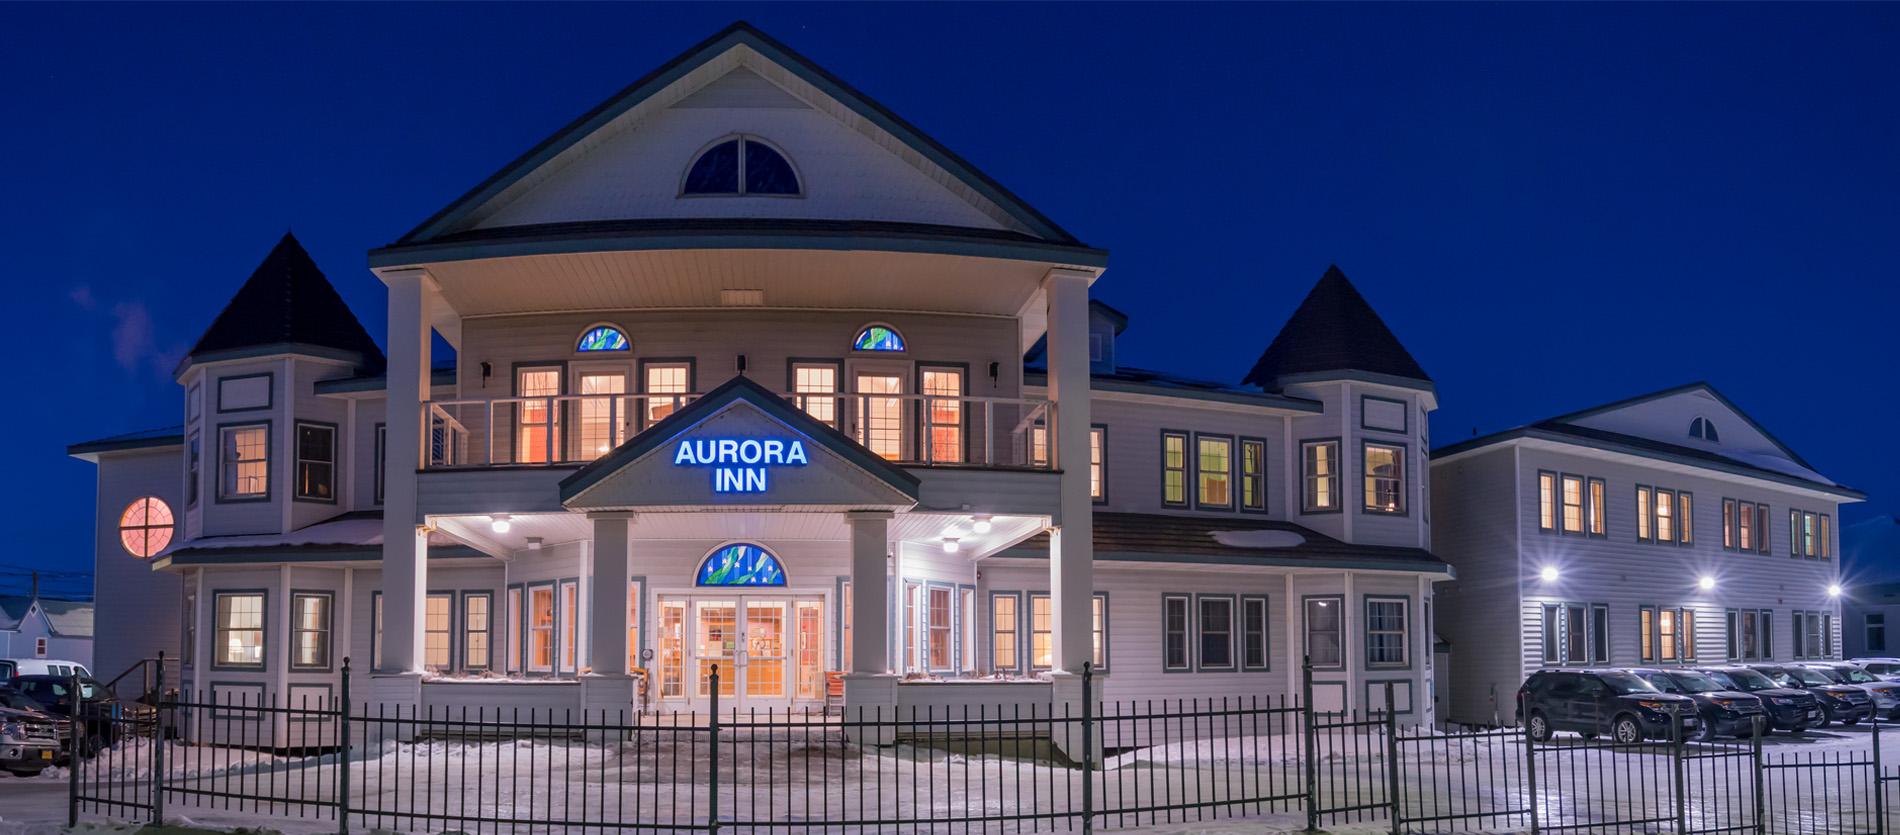 Aurora Inn and Suites Nome Alaska - Hotel Exterior